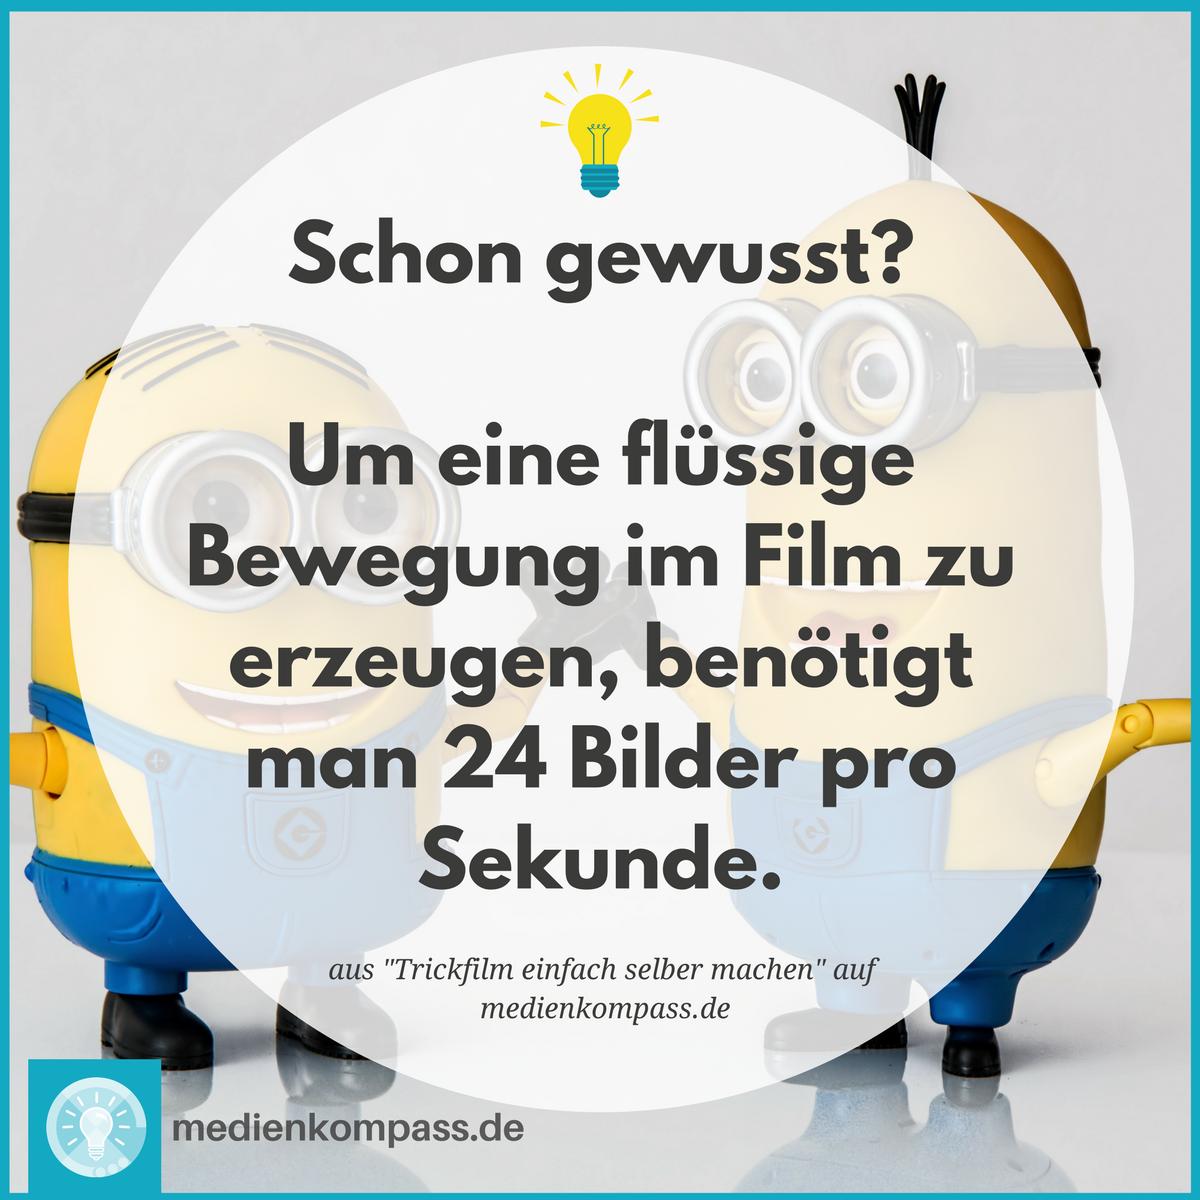 Trickfilm einfach selber machen | medienkompass.de